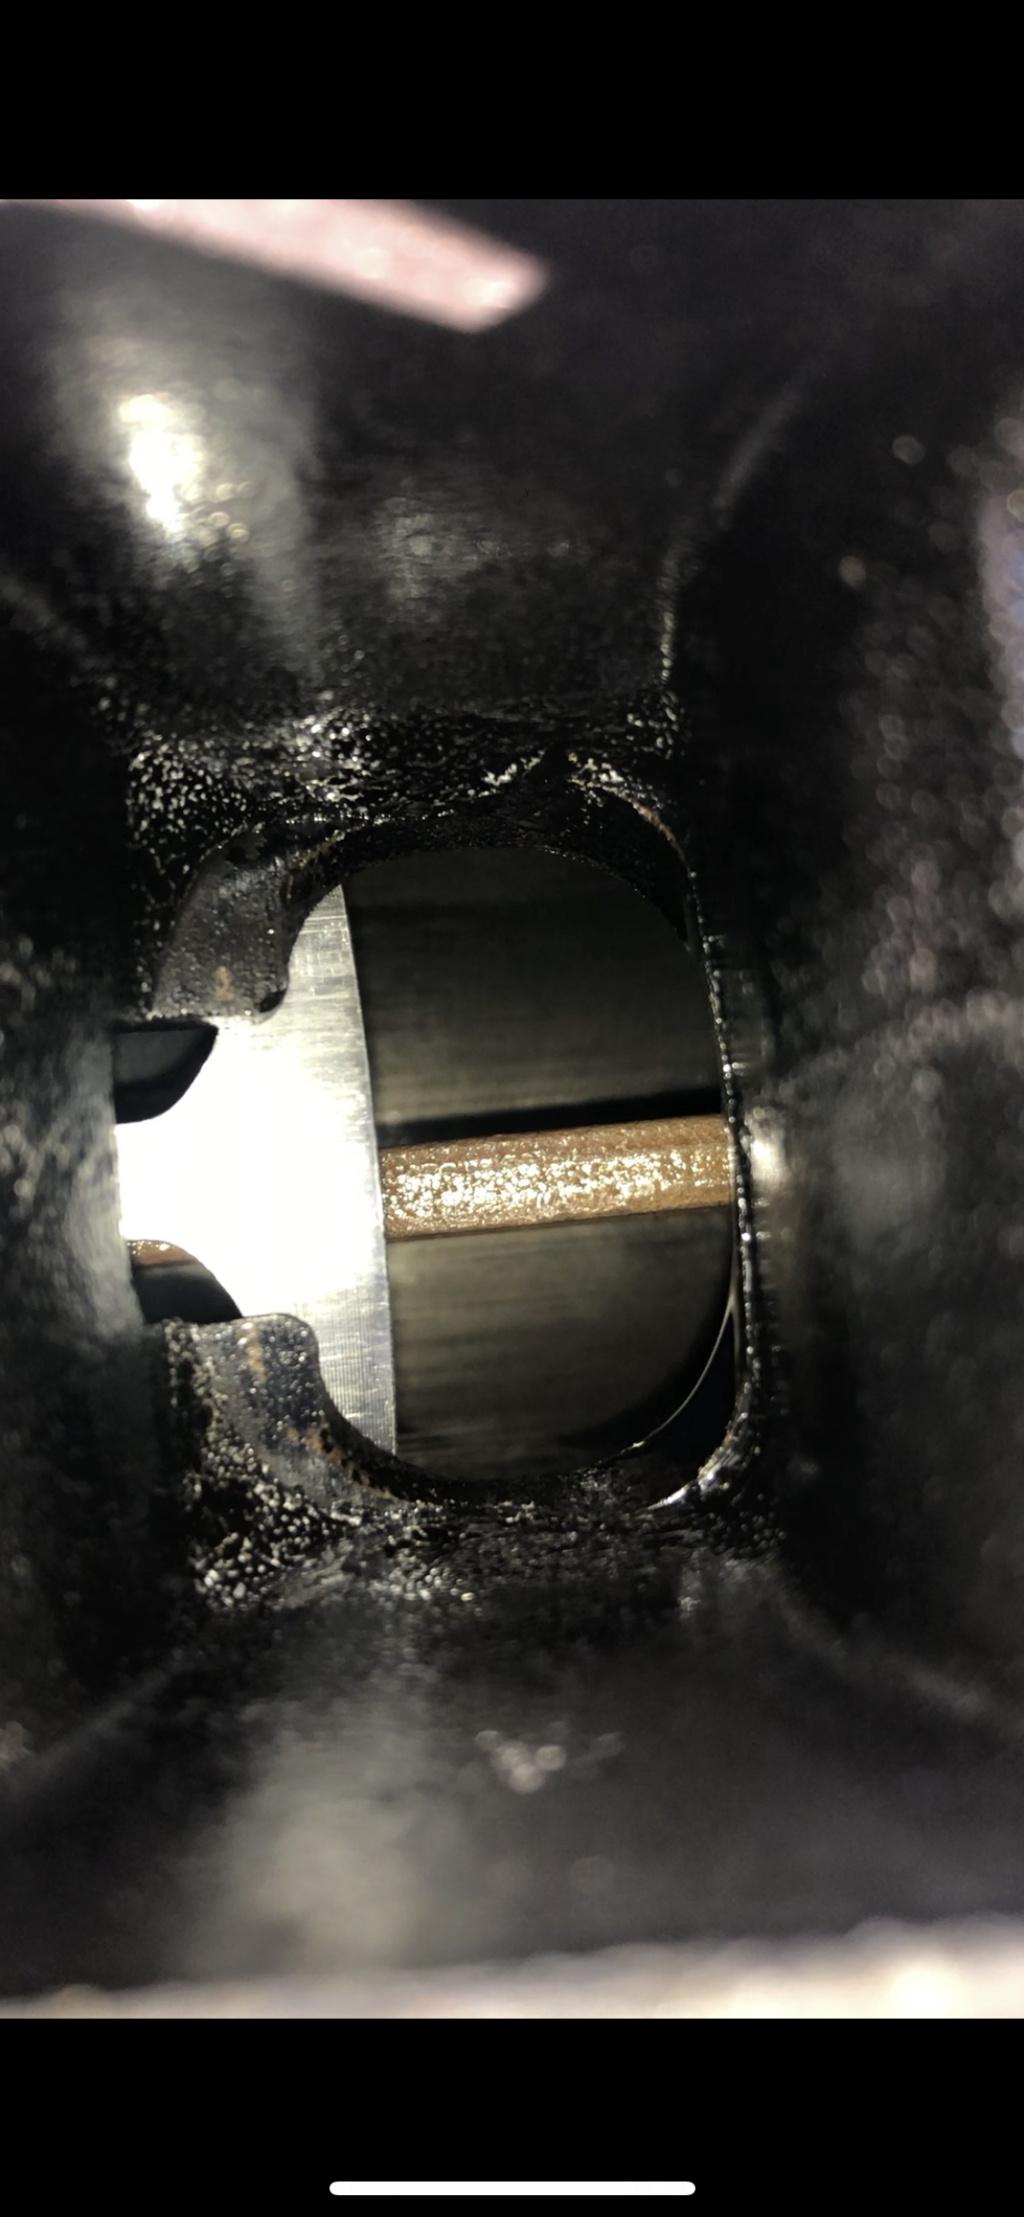 Bruit moteur suspect à chaud  - Page 2 30a86610